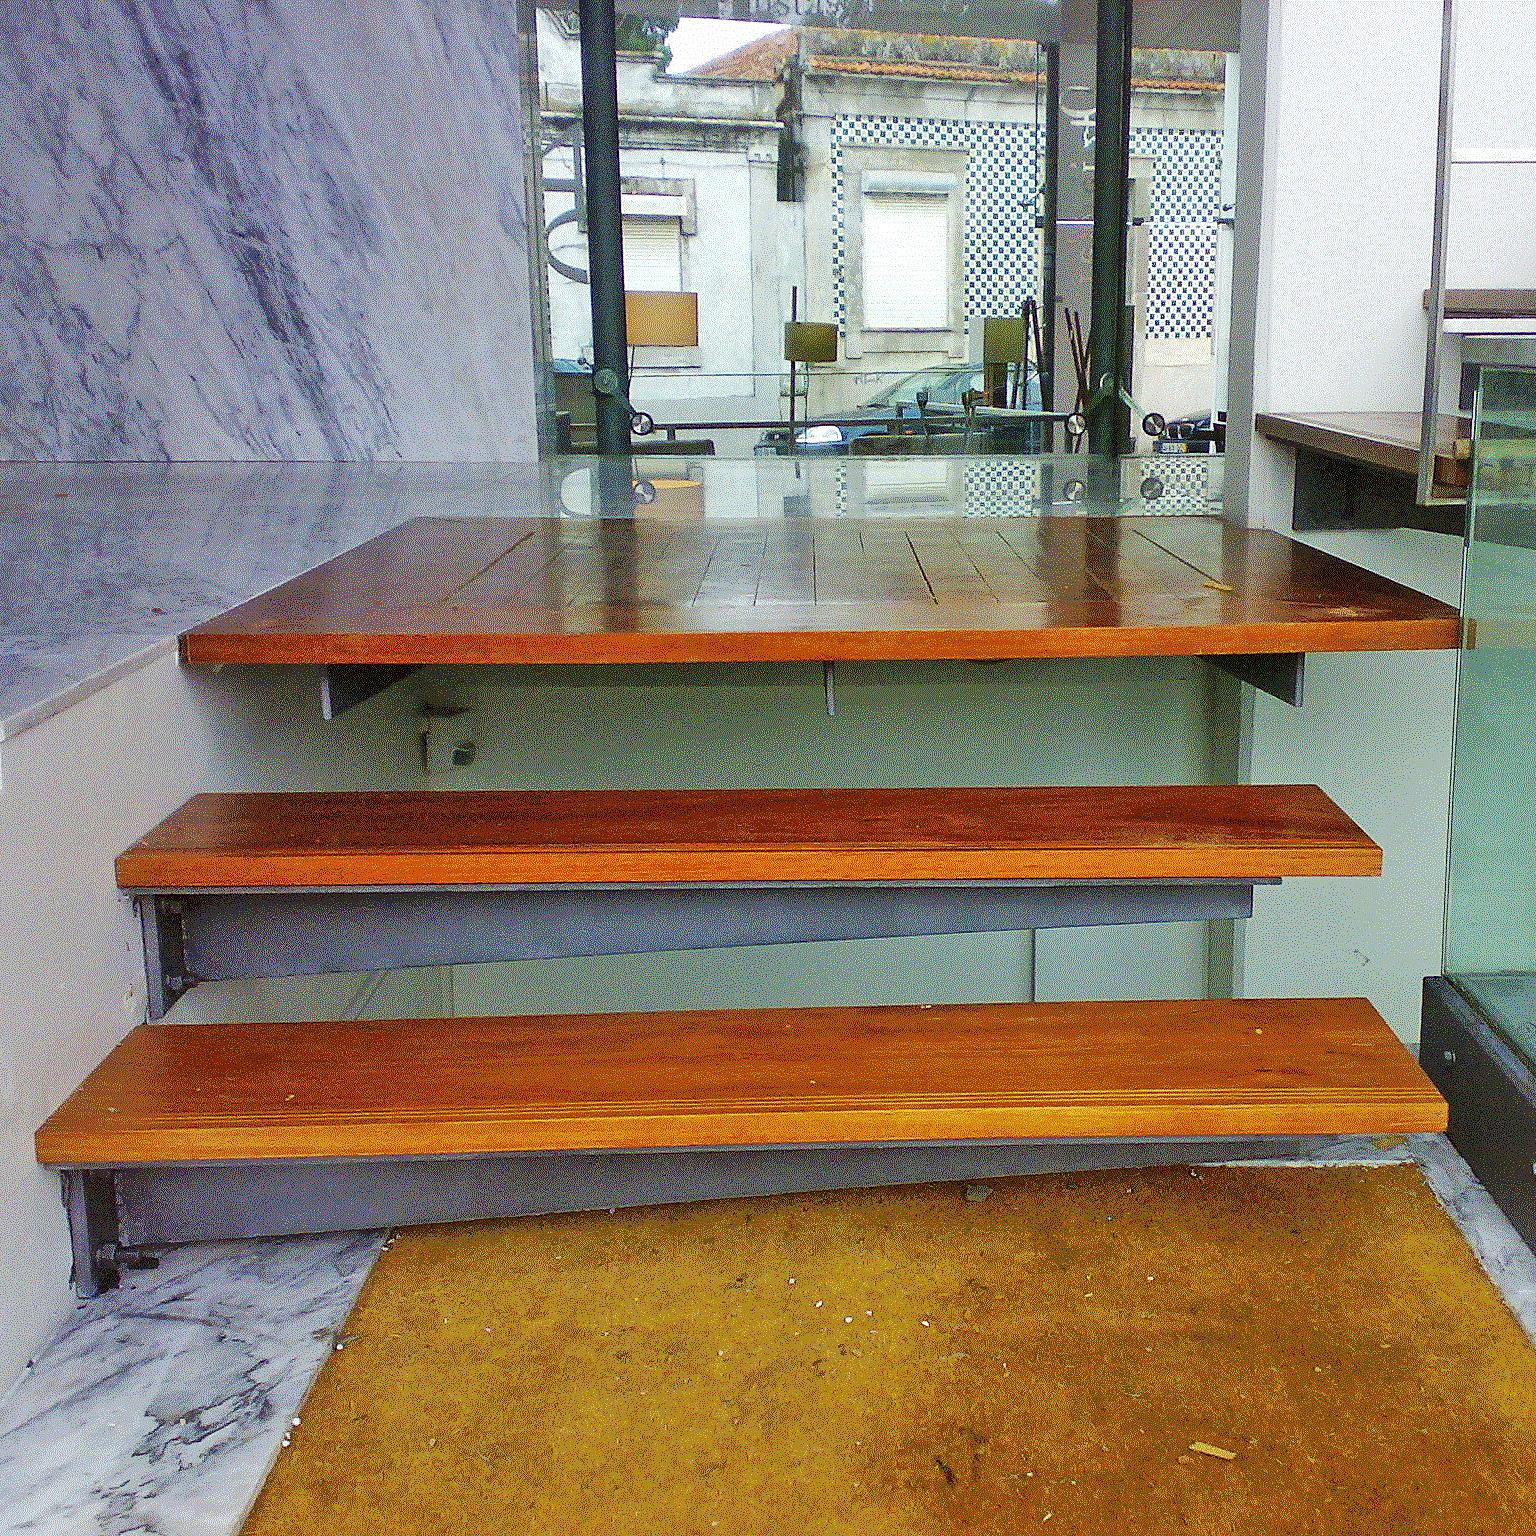 VIMAPA - Escadas com suporte lateral